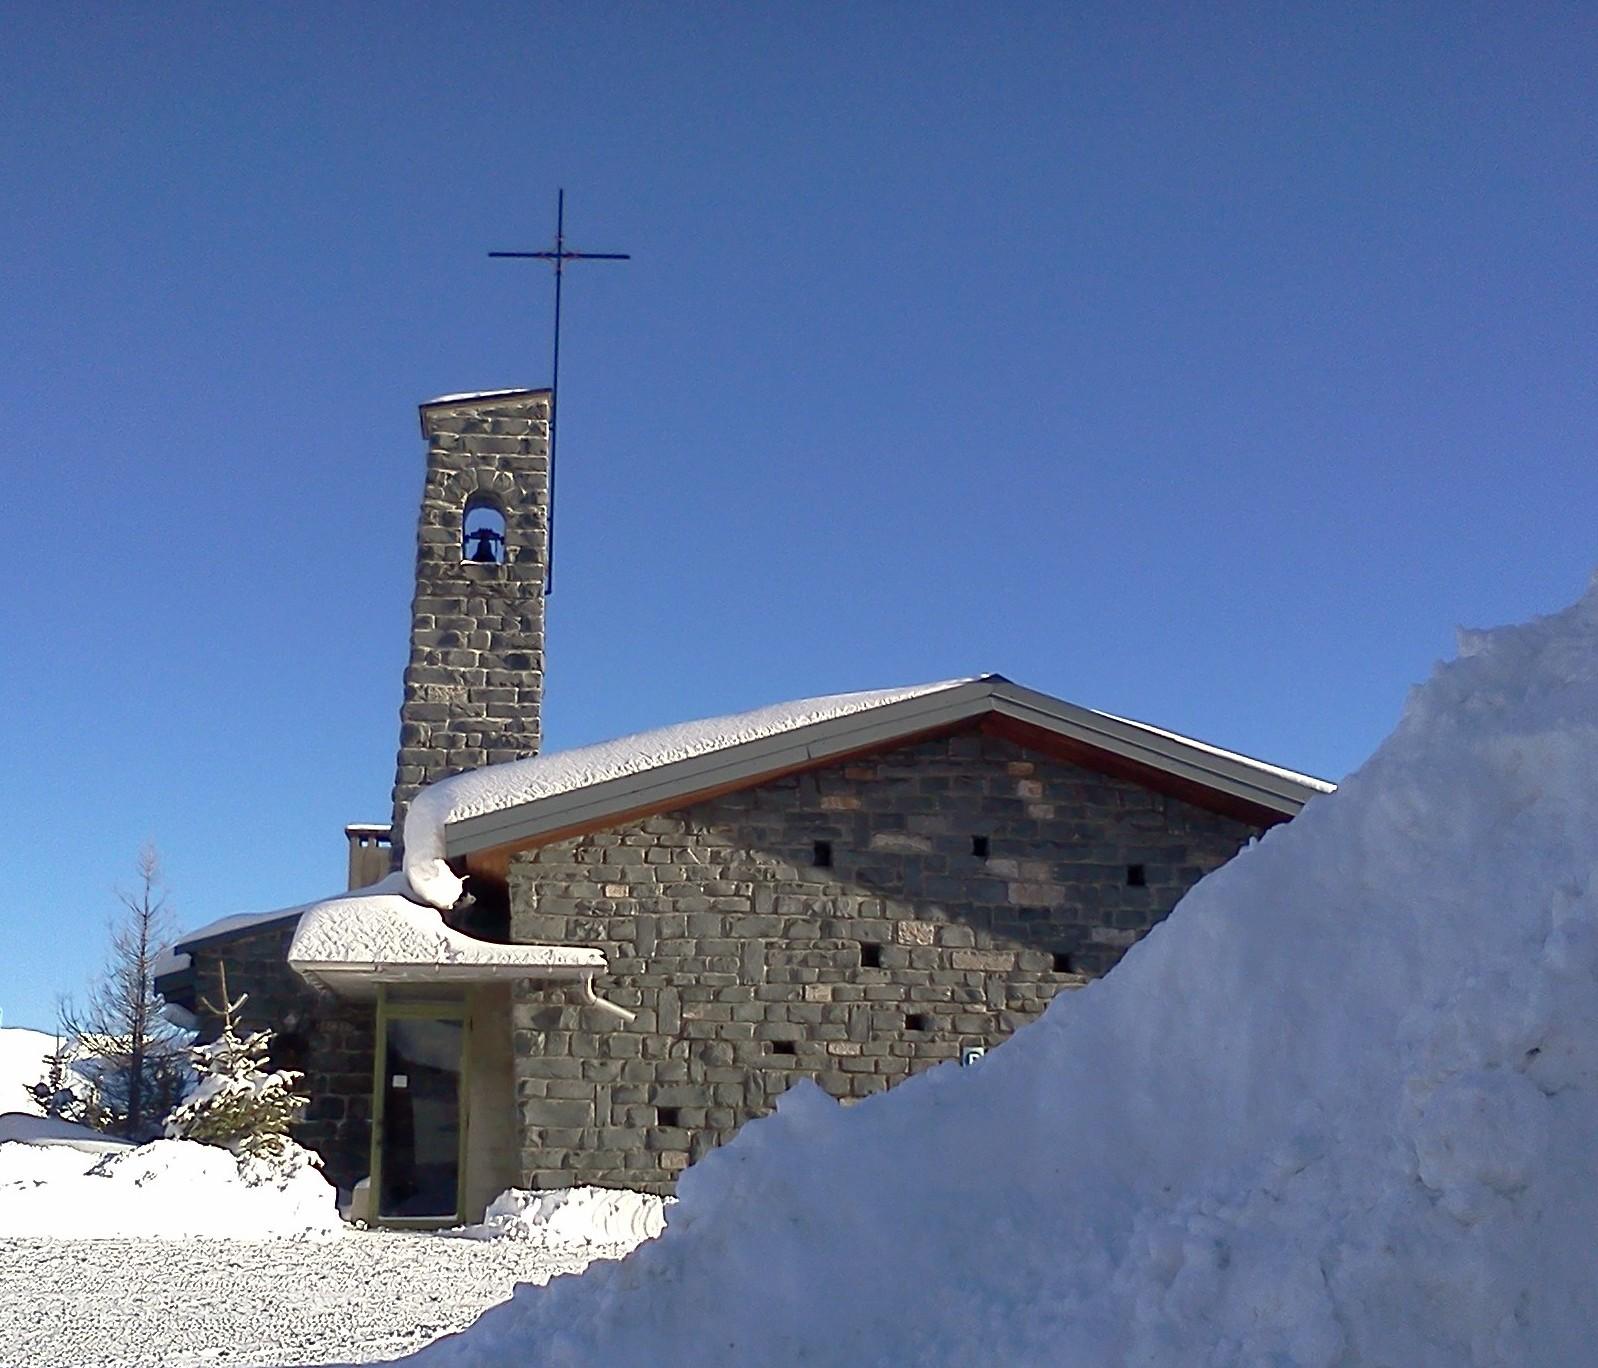 Notre-Dame du ski, rénovation d'une maison de vacances chrétienne en montagne pour l'accueil de groupes